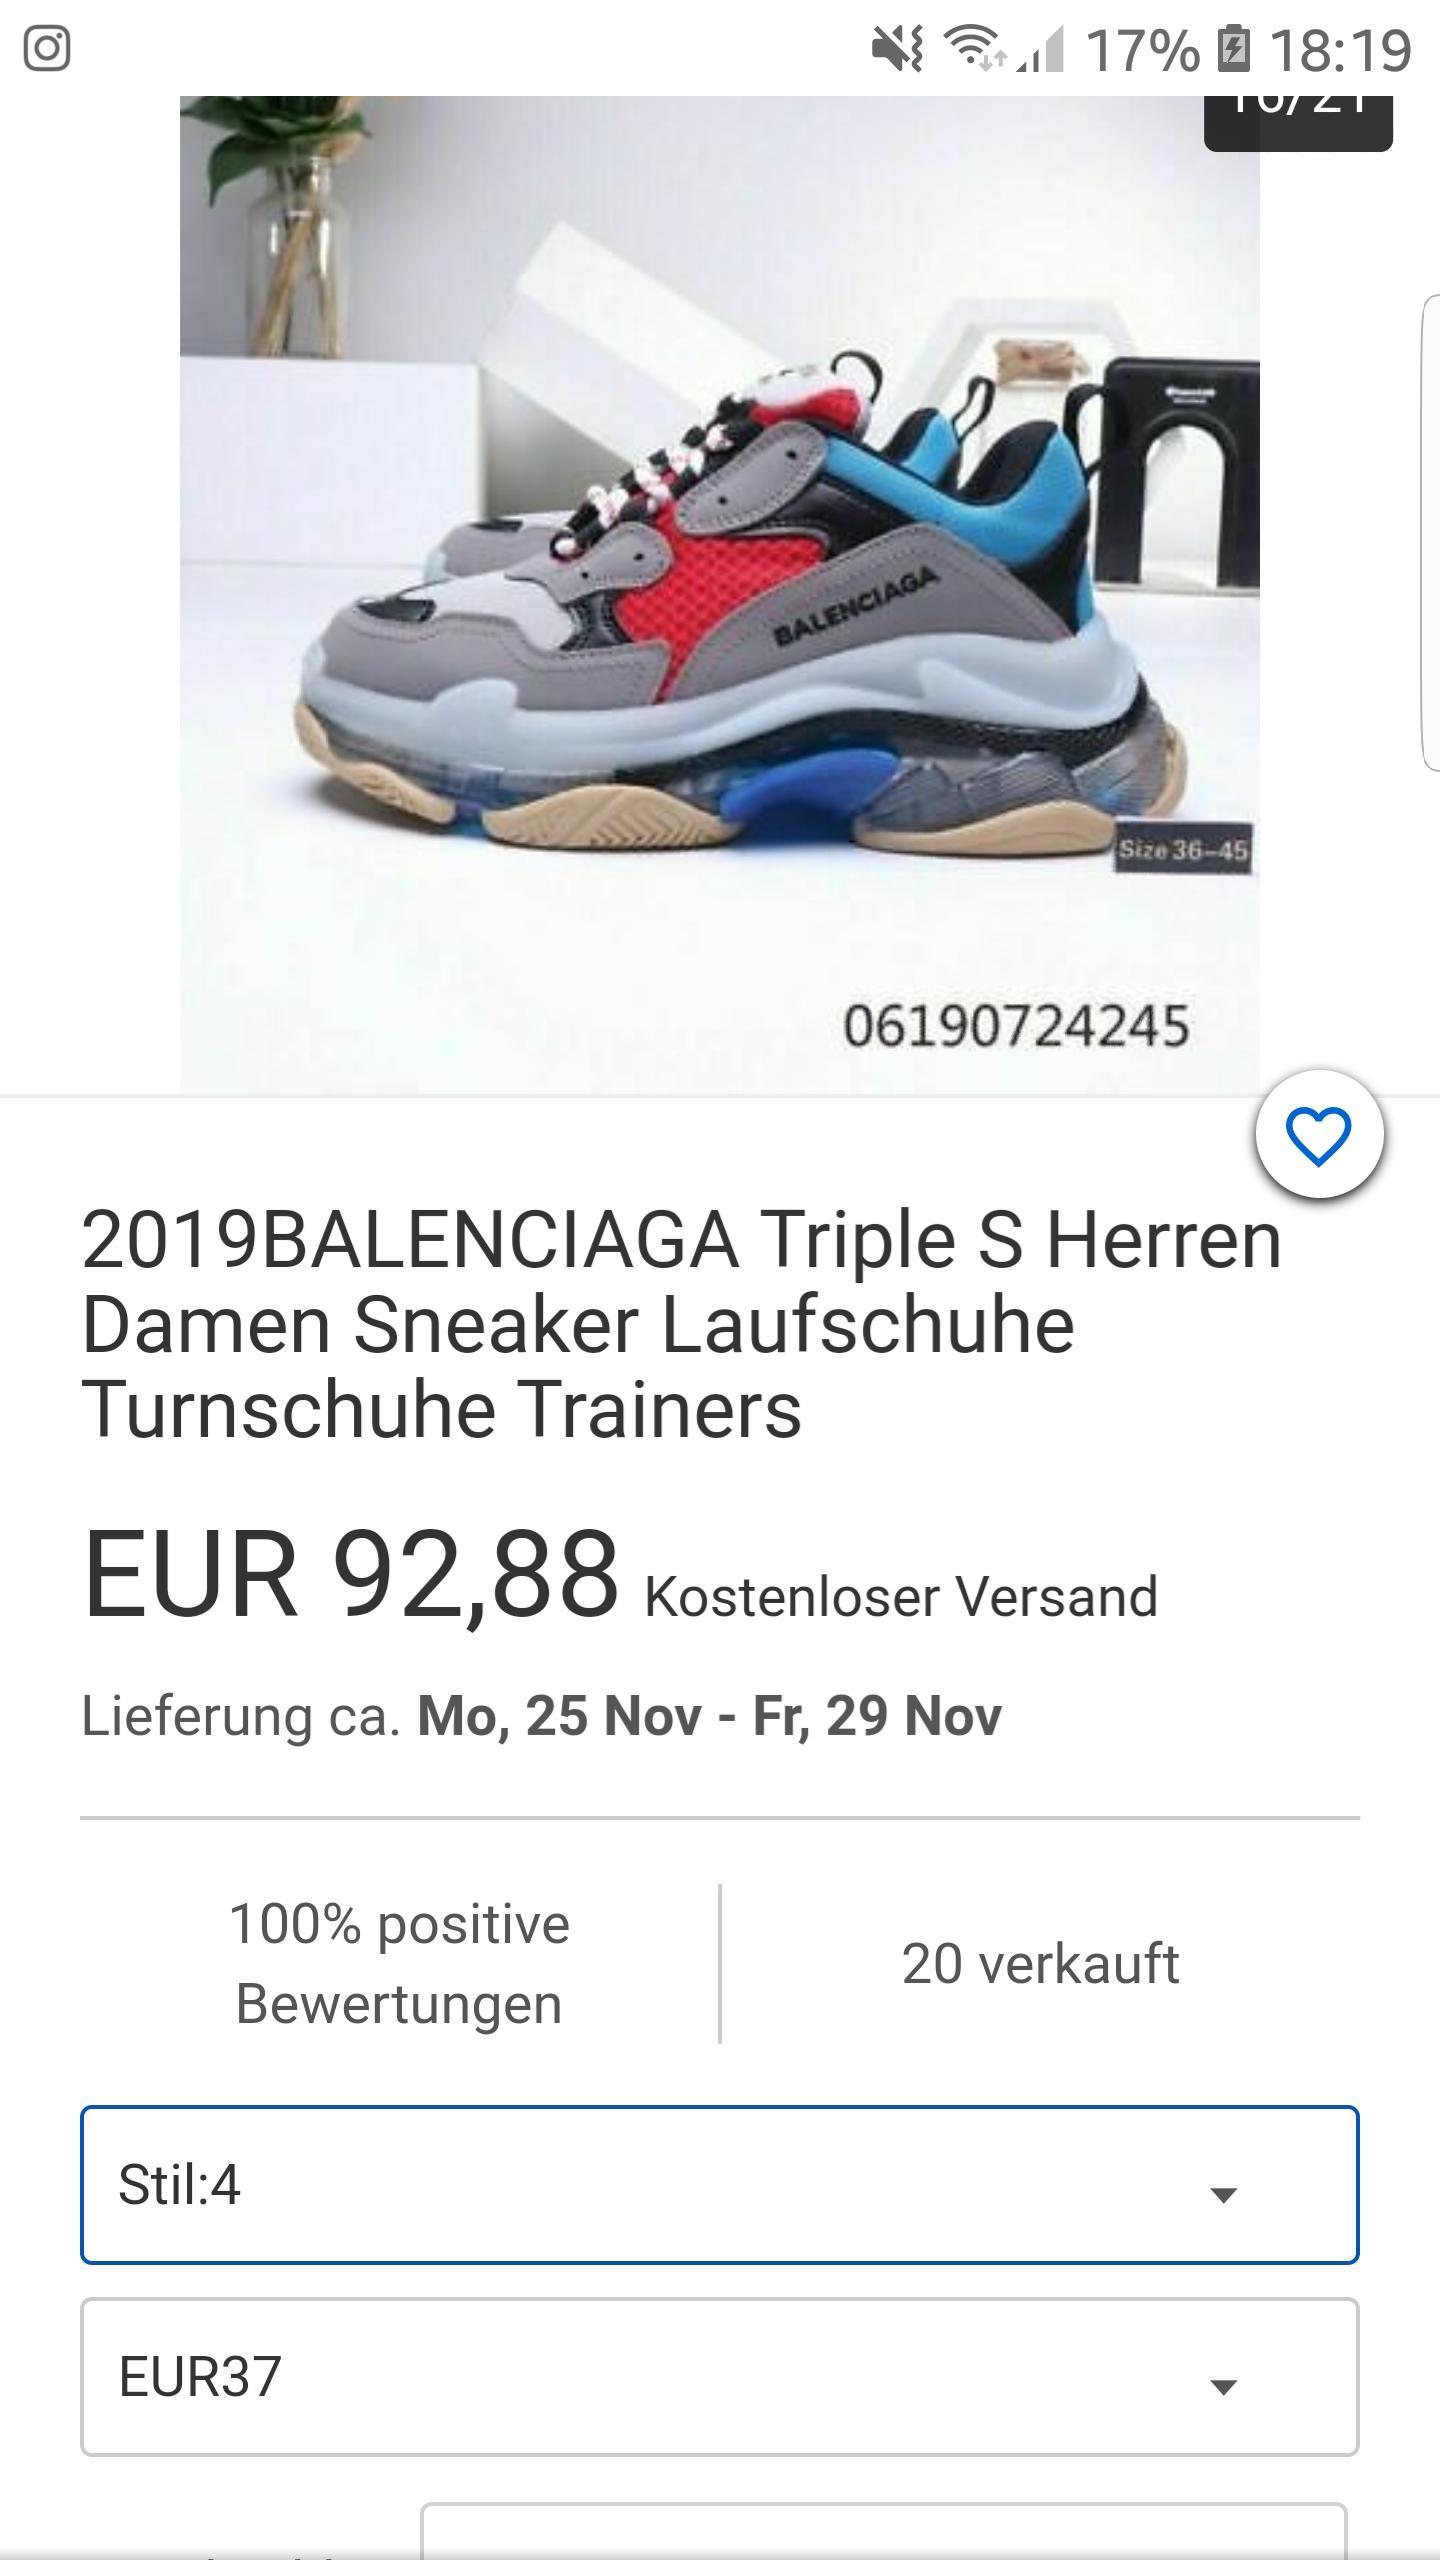 Ebay Oder Ebay Kleinanzeigen